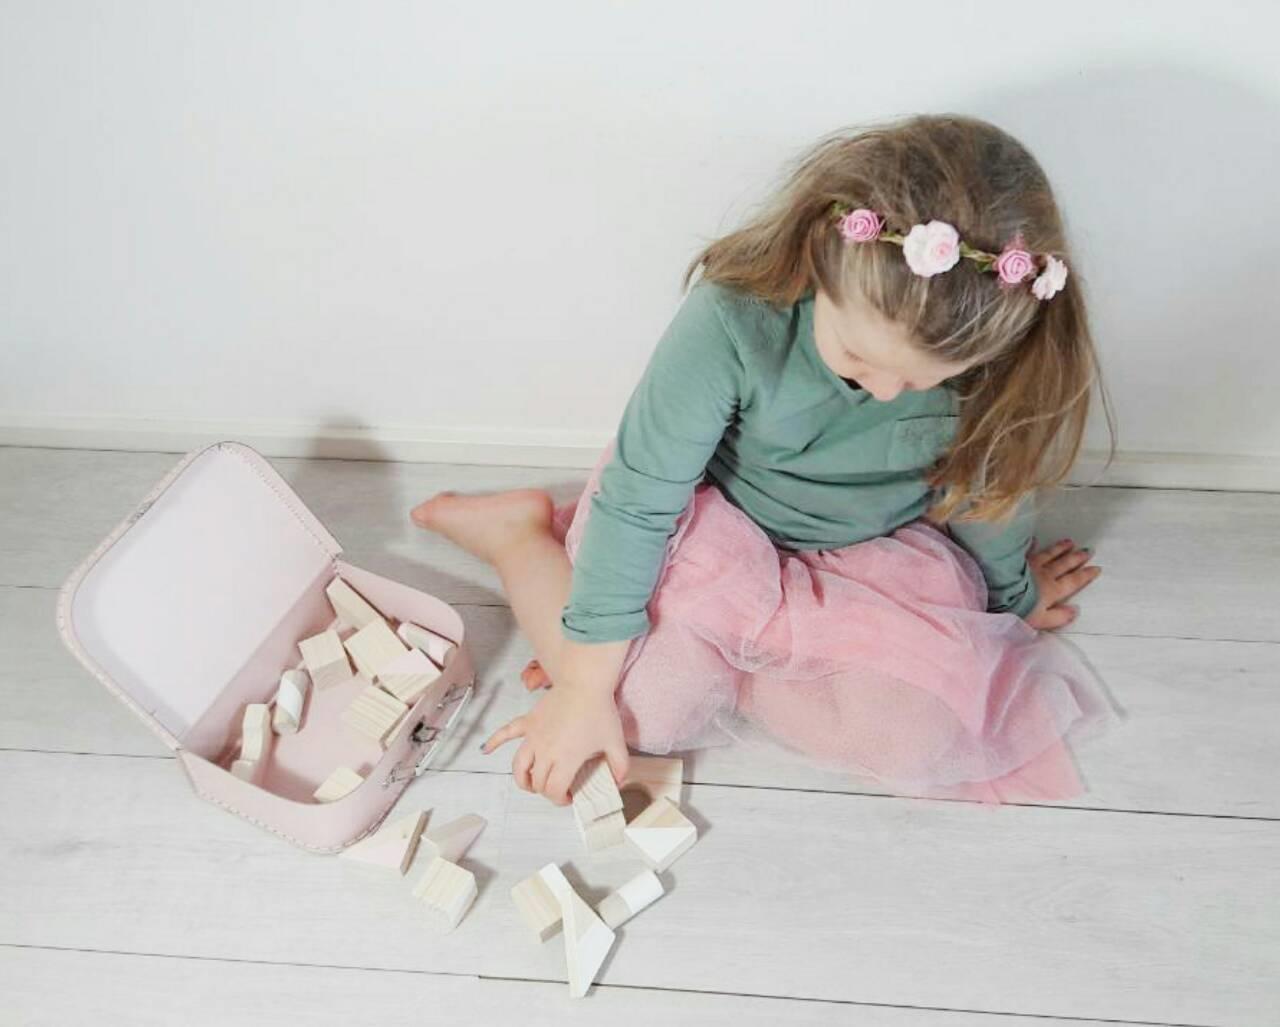 Jak motoricky rozvíjet nejmenší děti?